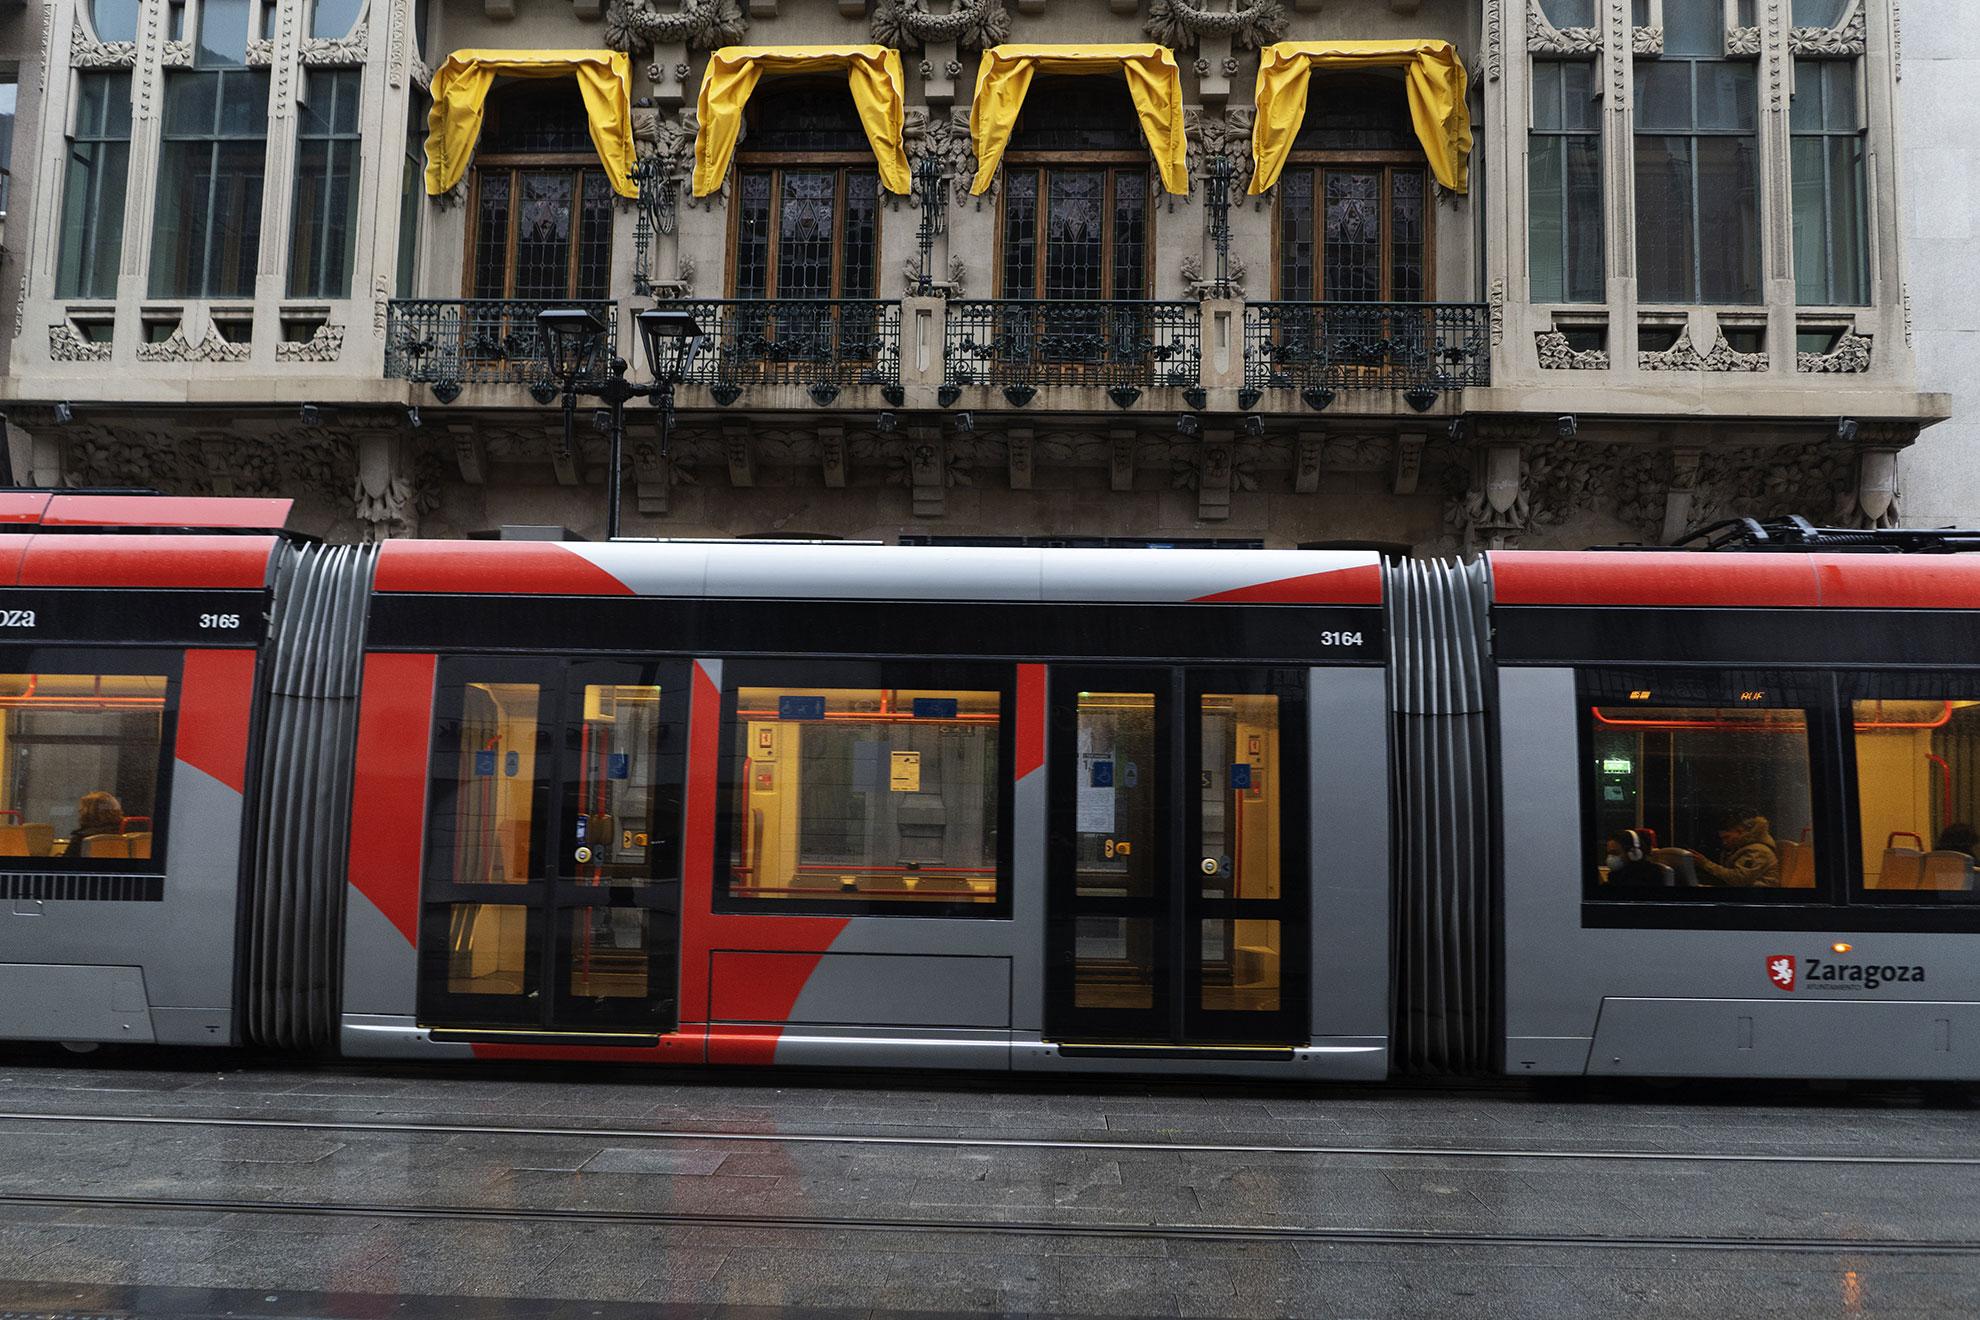 El tranvía circula casi vacio por el centro de Zaragoza desde que se decretó el estado de alarma y la gente debe permanecer confinada en sus casas.